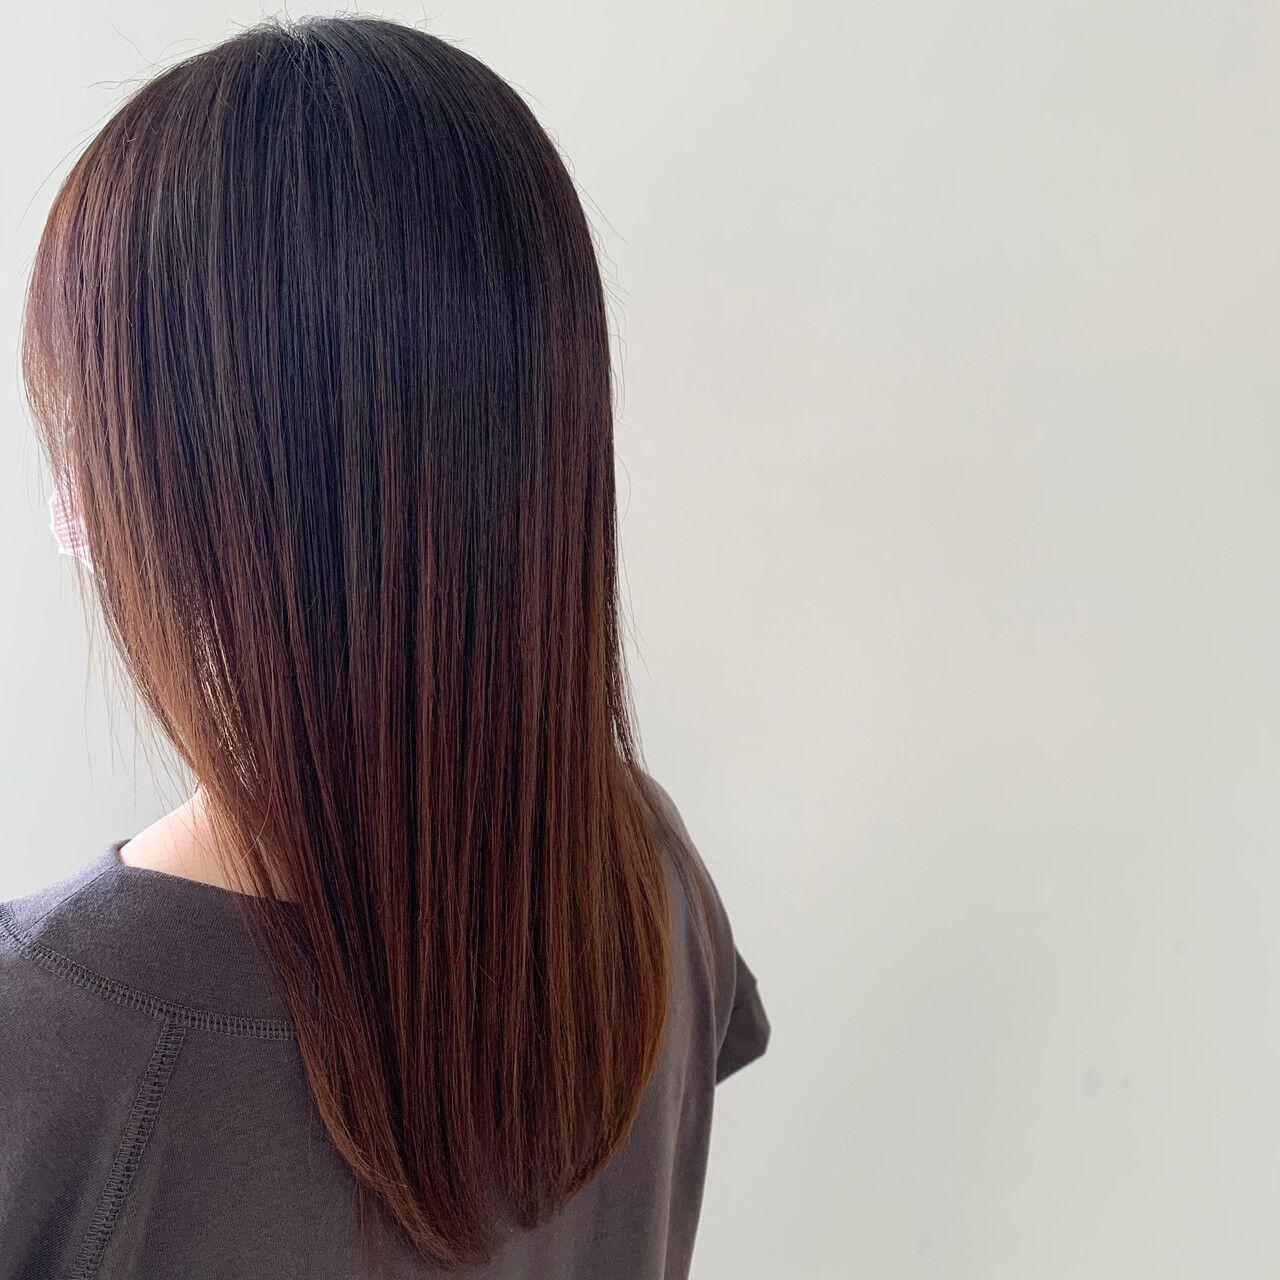 セミロング ナチュラル アンニュイほつれヘア ストレートヘアスタイルや髪型の写真・画像